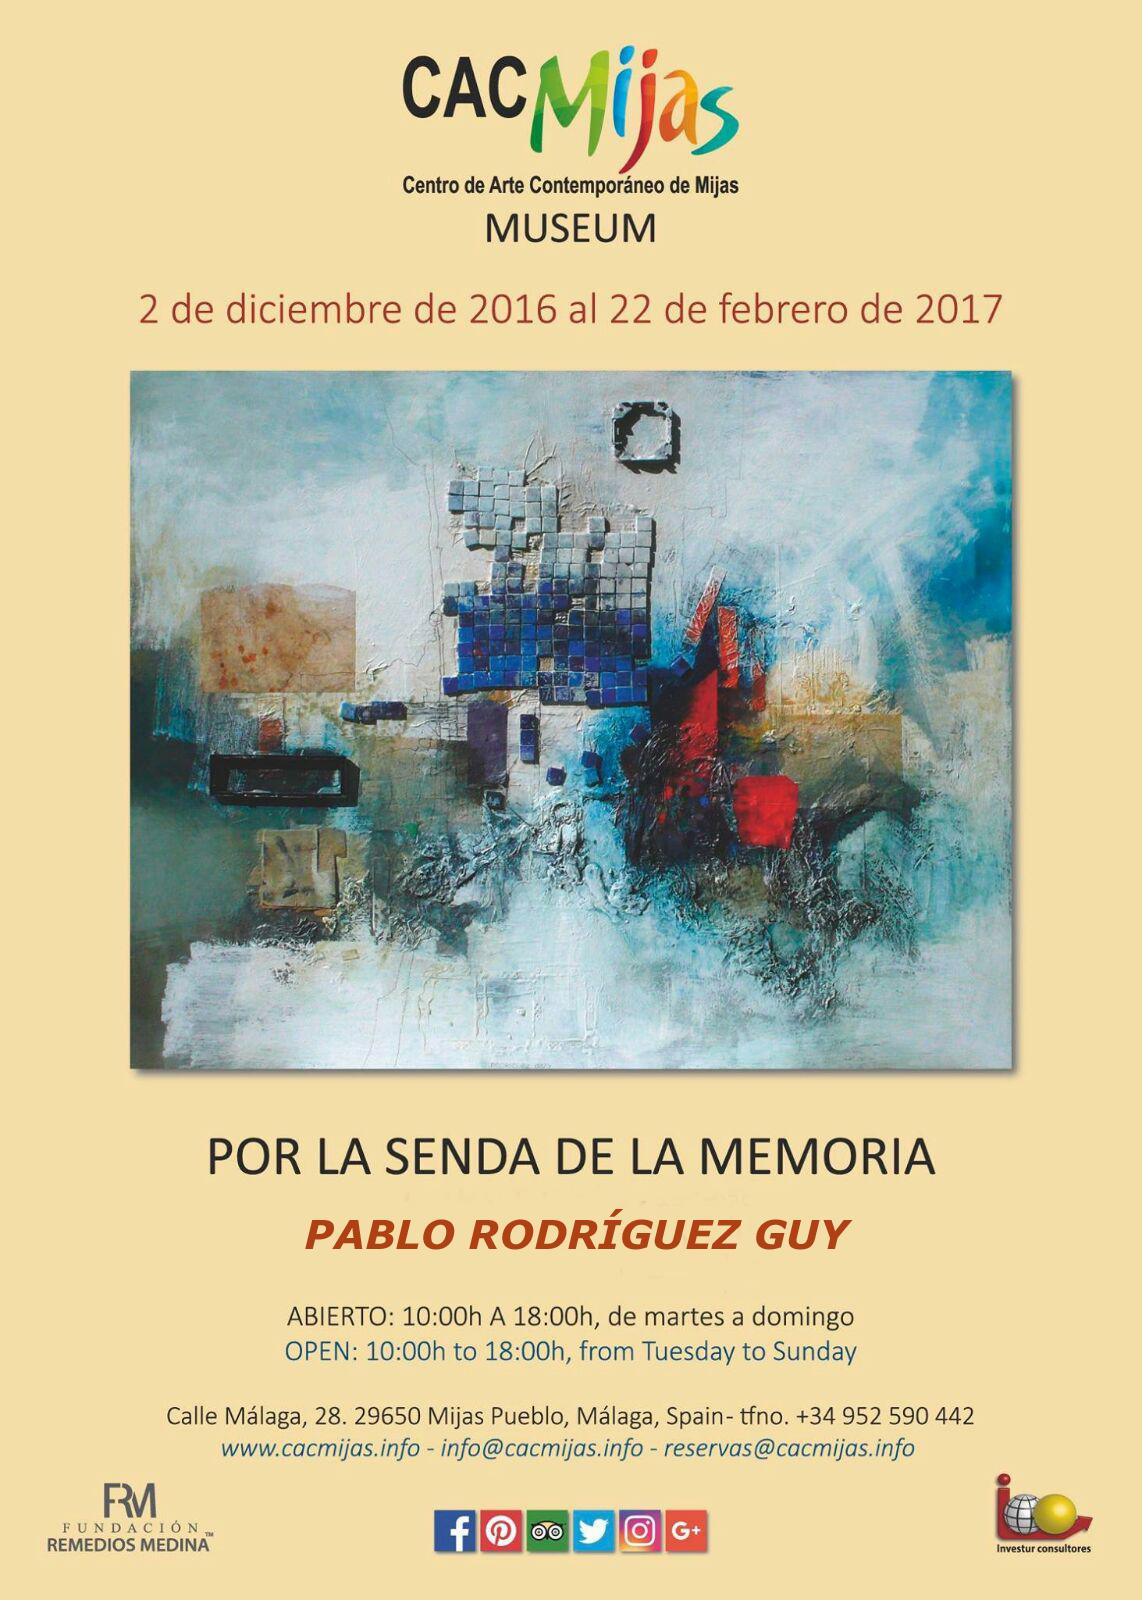 2016-expo-r-guy-cac-mijas-2-dic-16-cartel